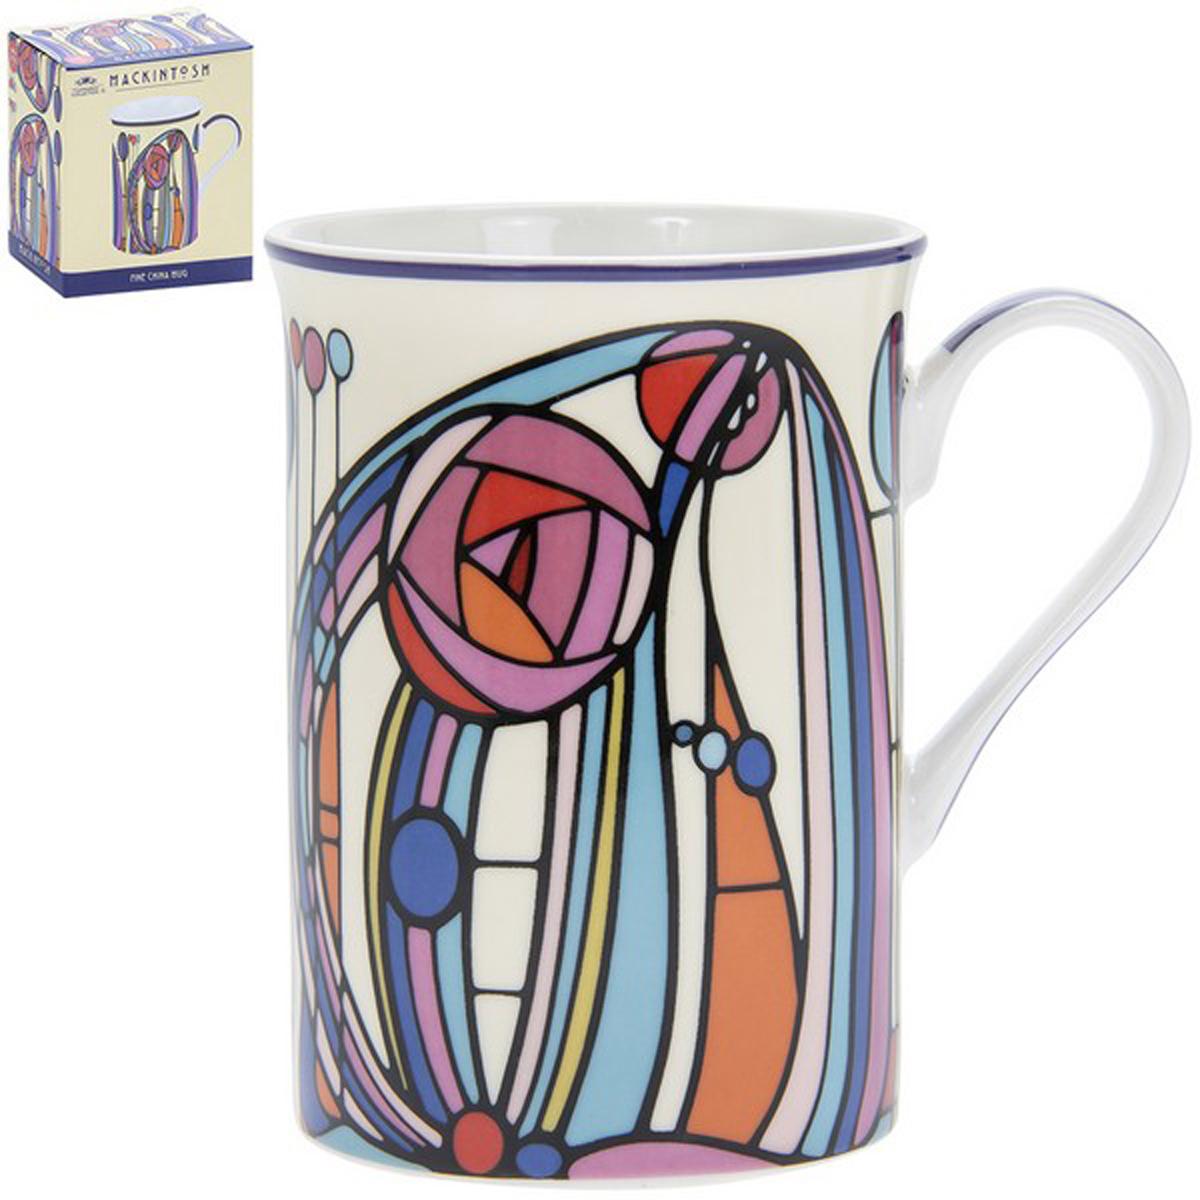 Mug porcelaine \'Mackintosh\' multicolore - 10x75 cm - [R1769]